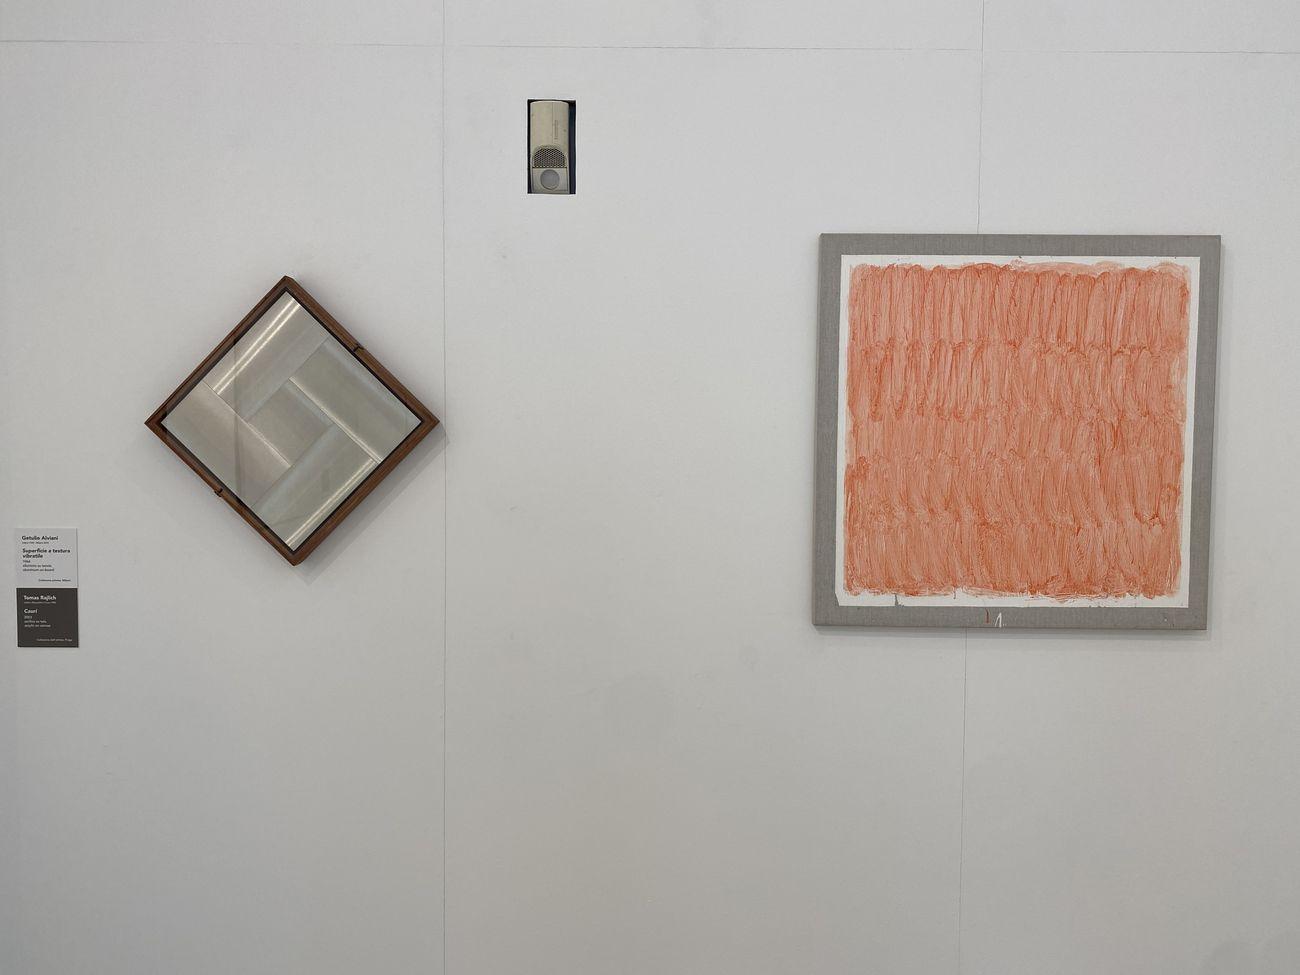 Make it new! Tomas Rajlich e l'arte astratta in Italia. Exhibition view at Museo d'Arte Contemporanea di Villa Croce, Genova 2021